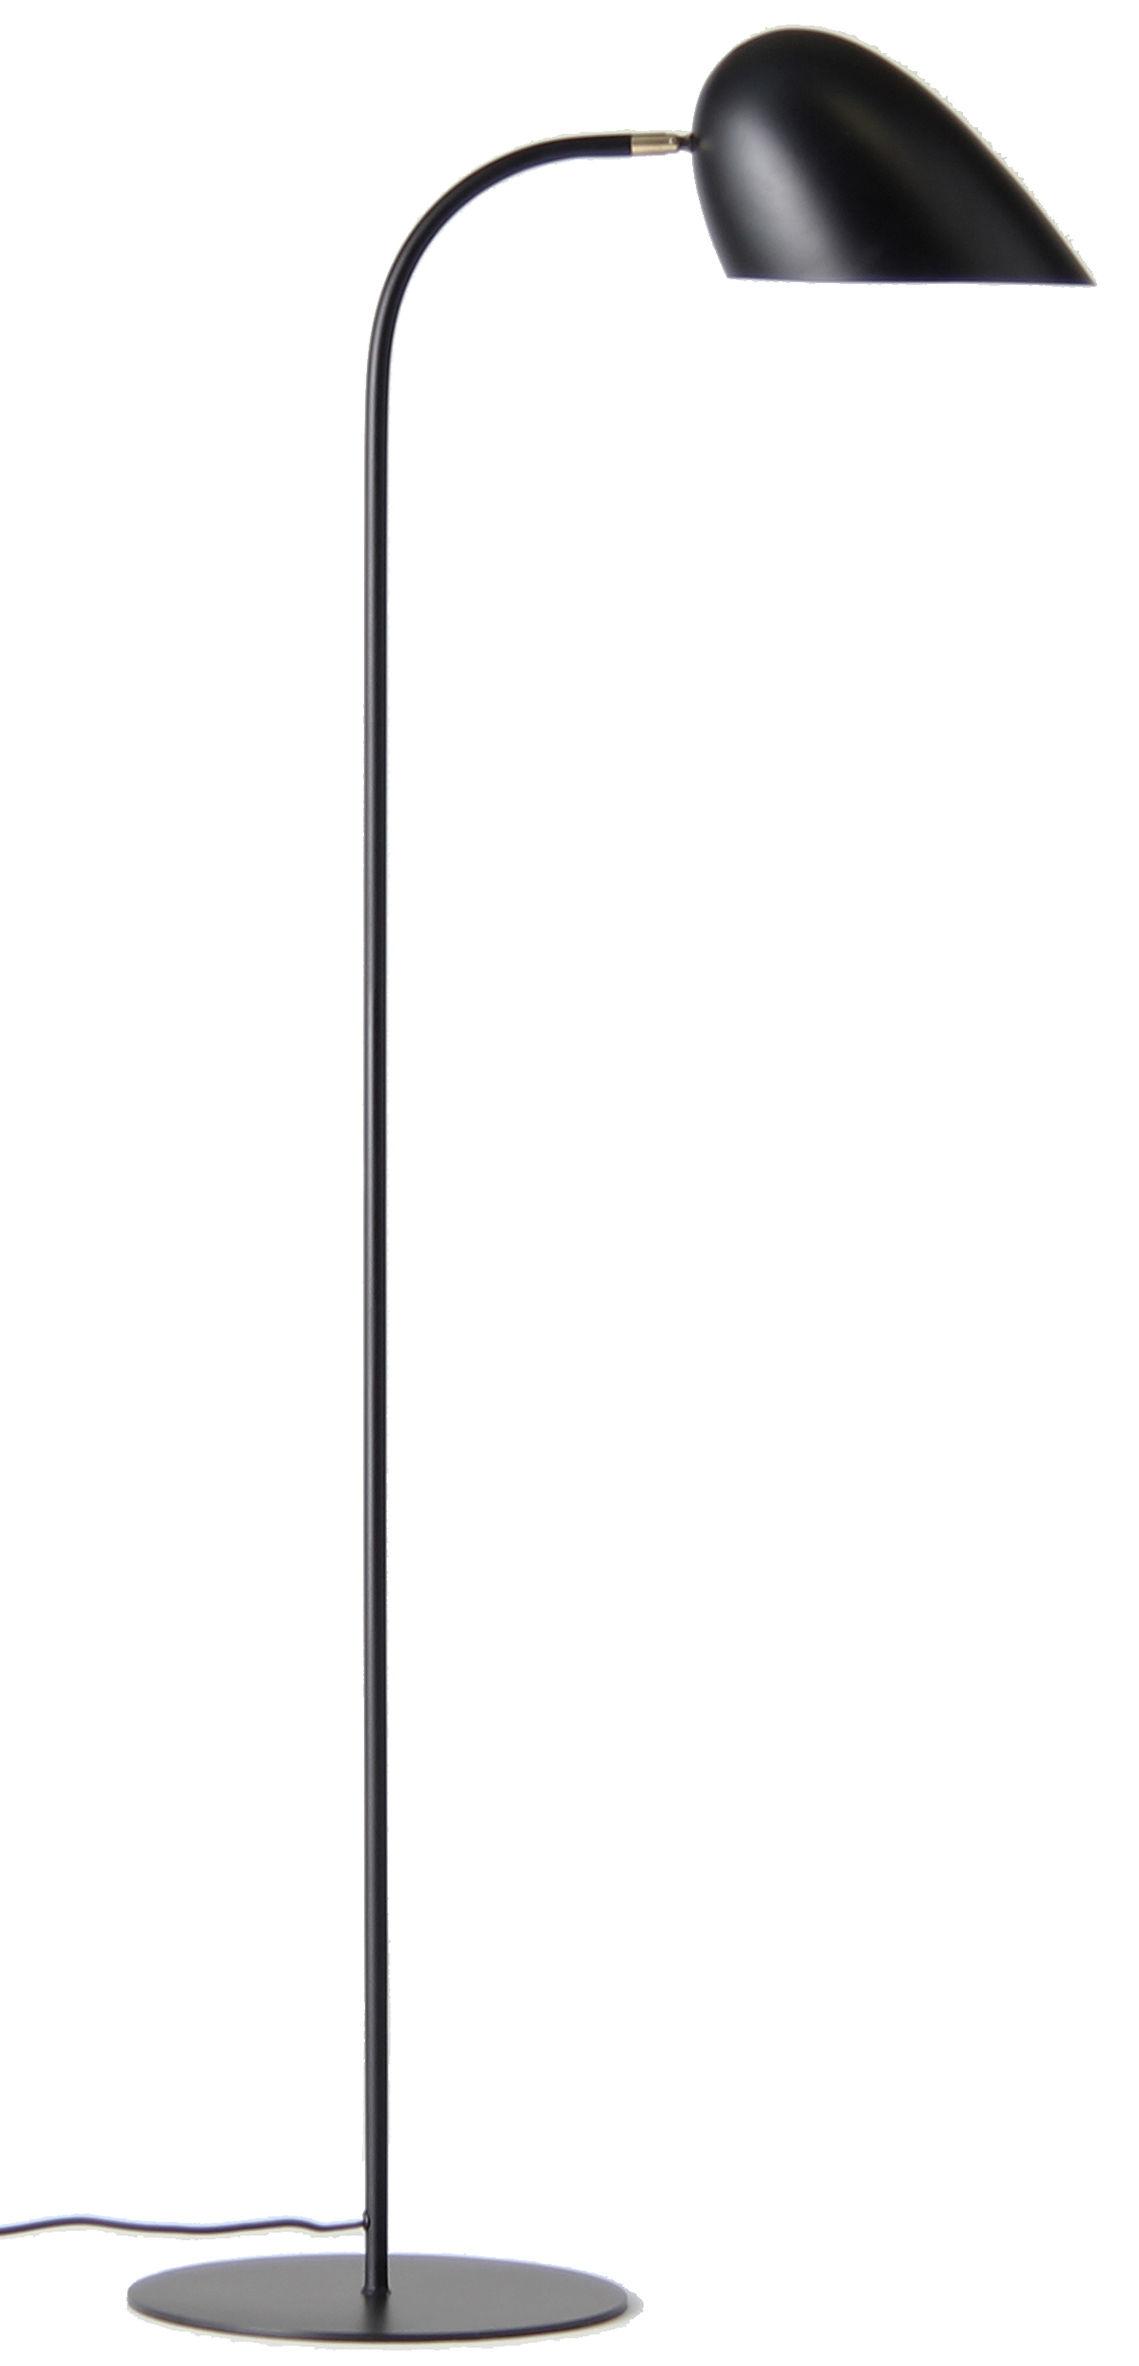 Luminaire - Lampadaires - Lampadaire Hitchcock / H 150 cm - Frandsen - Noir - Laiton, Métal peint